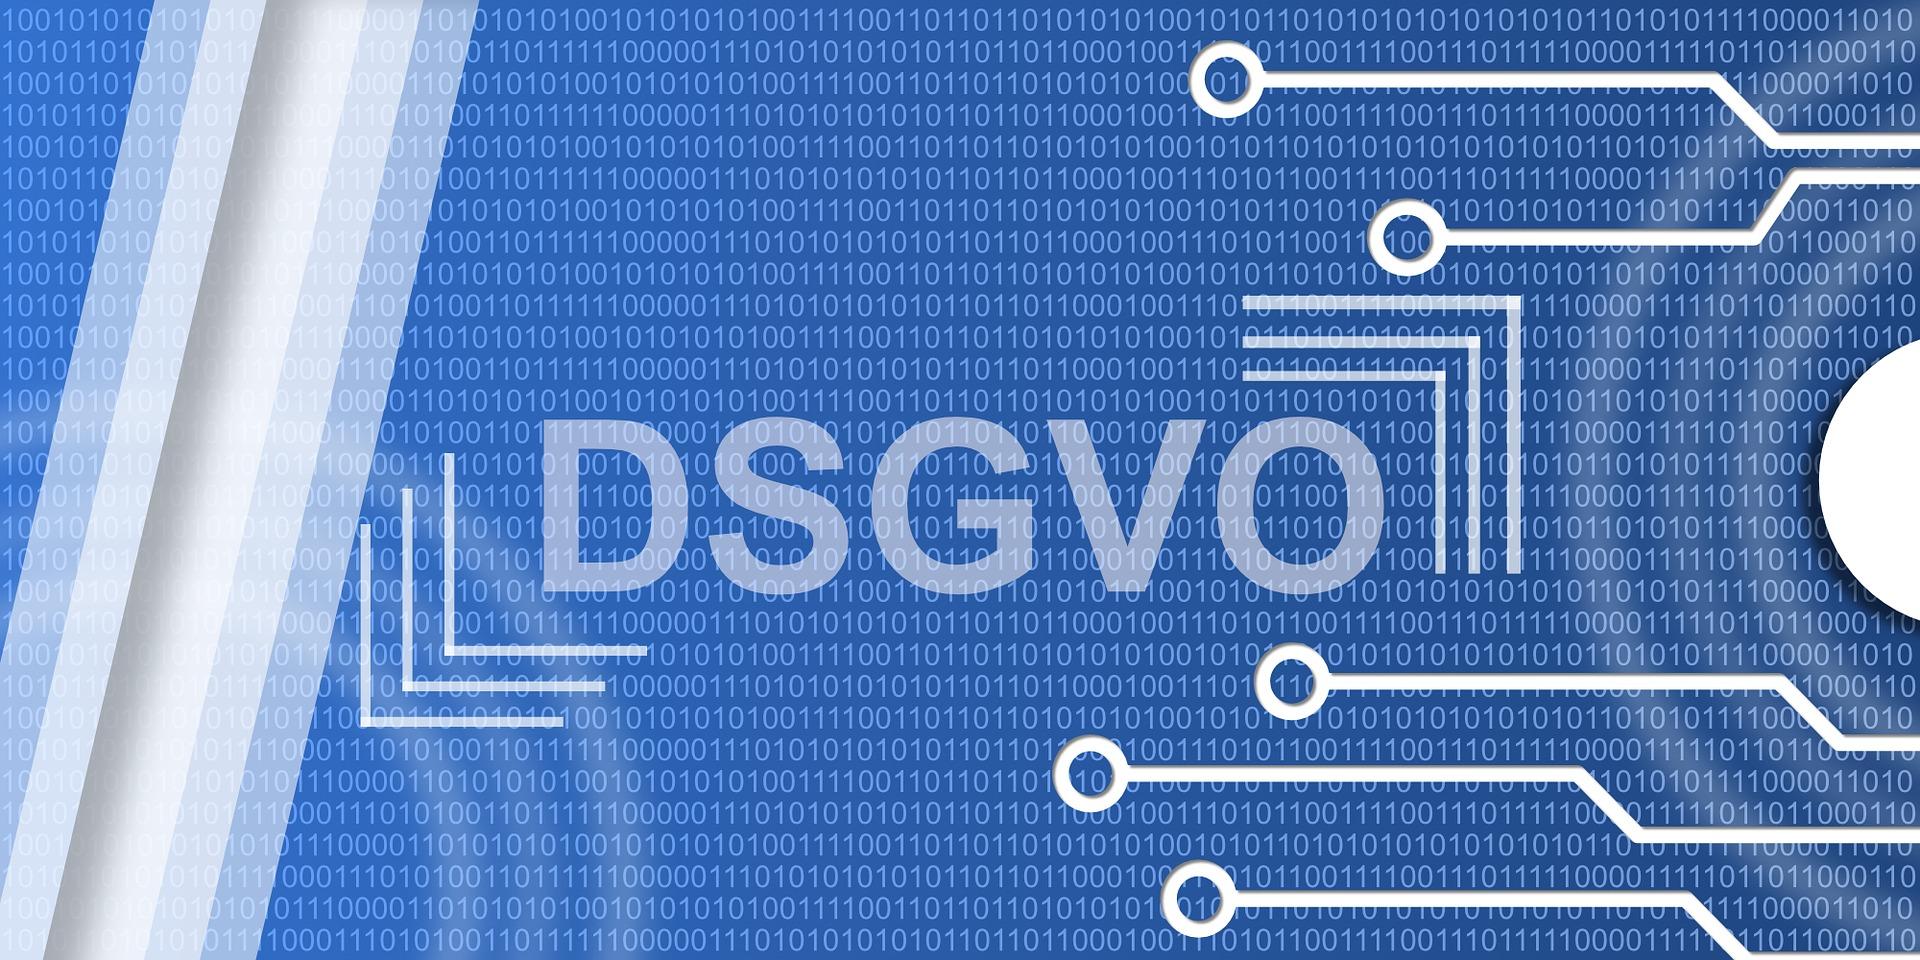 Auswirkungen der Datenschutz-Grundverordnung (DS-GVO) auf die Stadtverwaltung